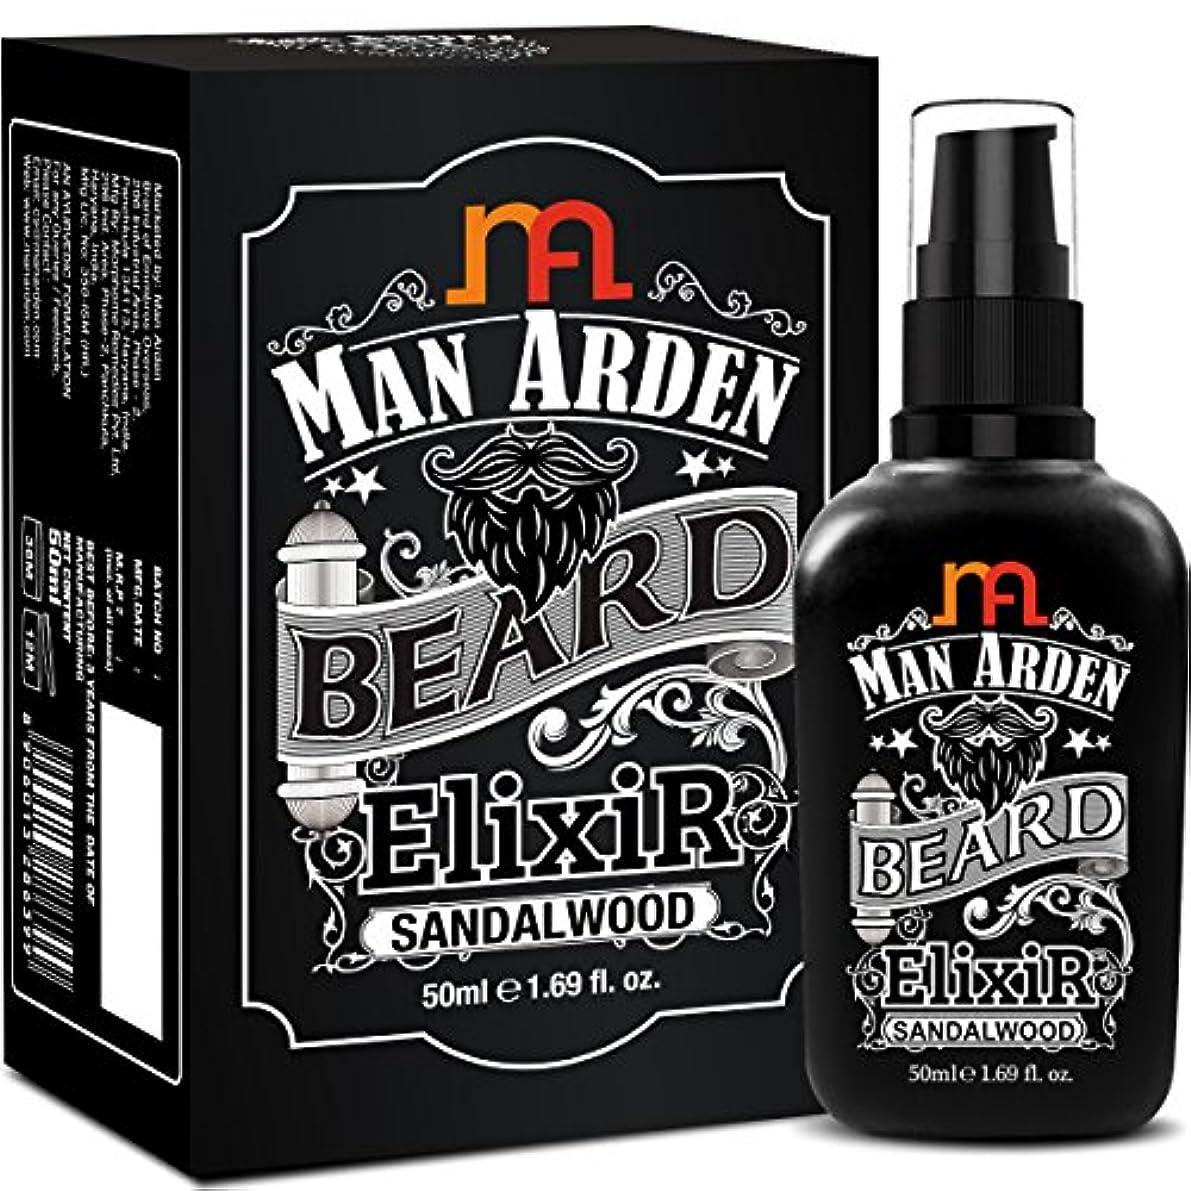 レトルト状ローマ人Man Arden Beard Elixir Oil 50ml (Sandalwood) - 7 Oils Blend For Beard Repair, Growth & Nourishment8906013286399